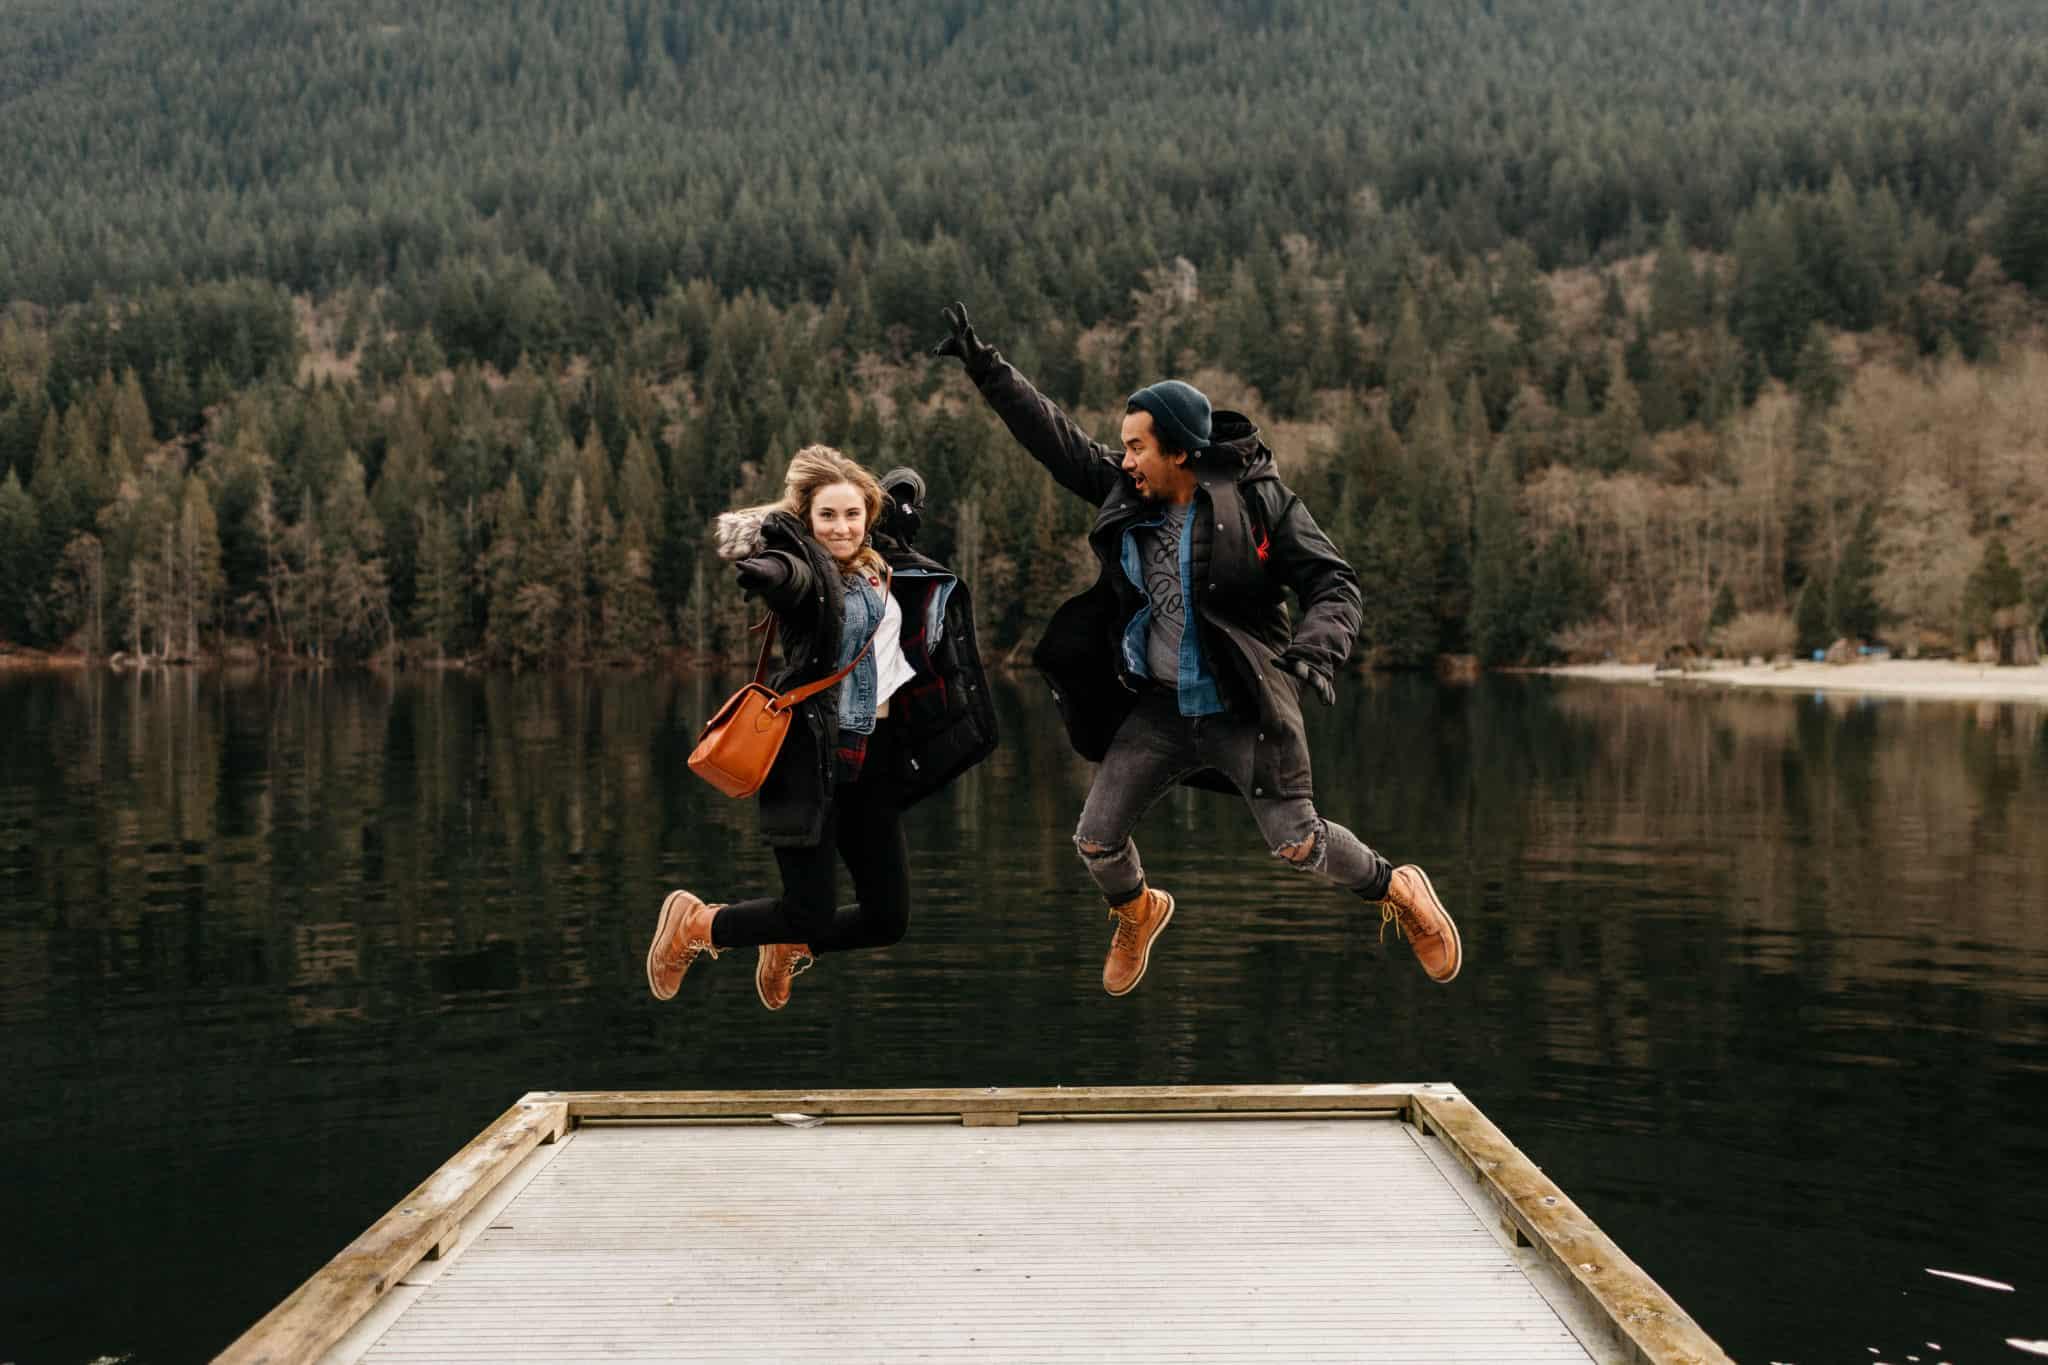 Emily and Berty at Buntzen Lake - Photo by Jonathan Gipaya